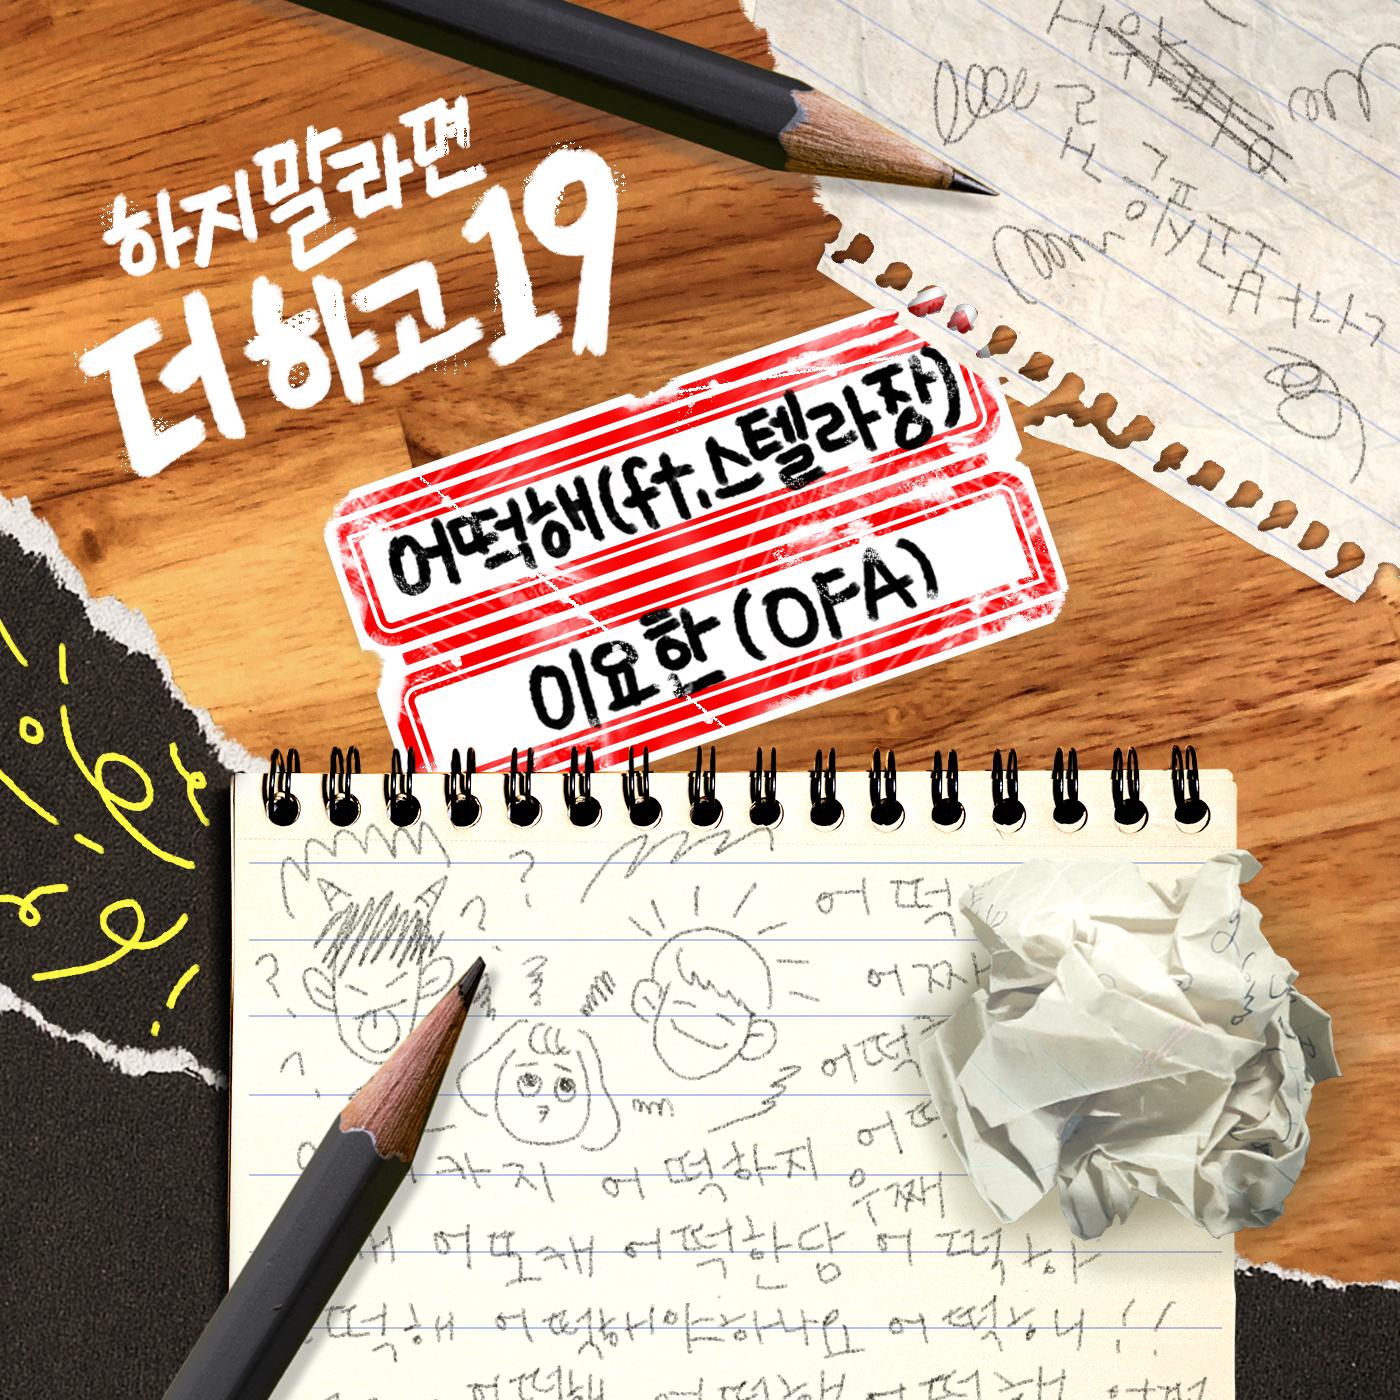 [더하고 10] 어떡해(Feat.스텔라장) - 이요한(OFA)